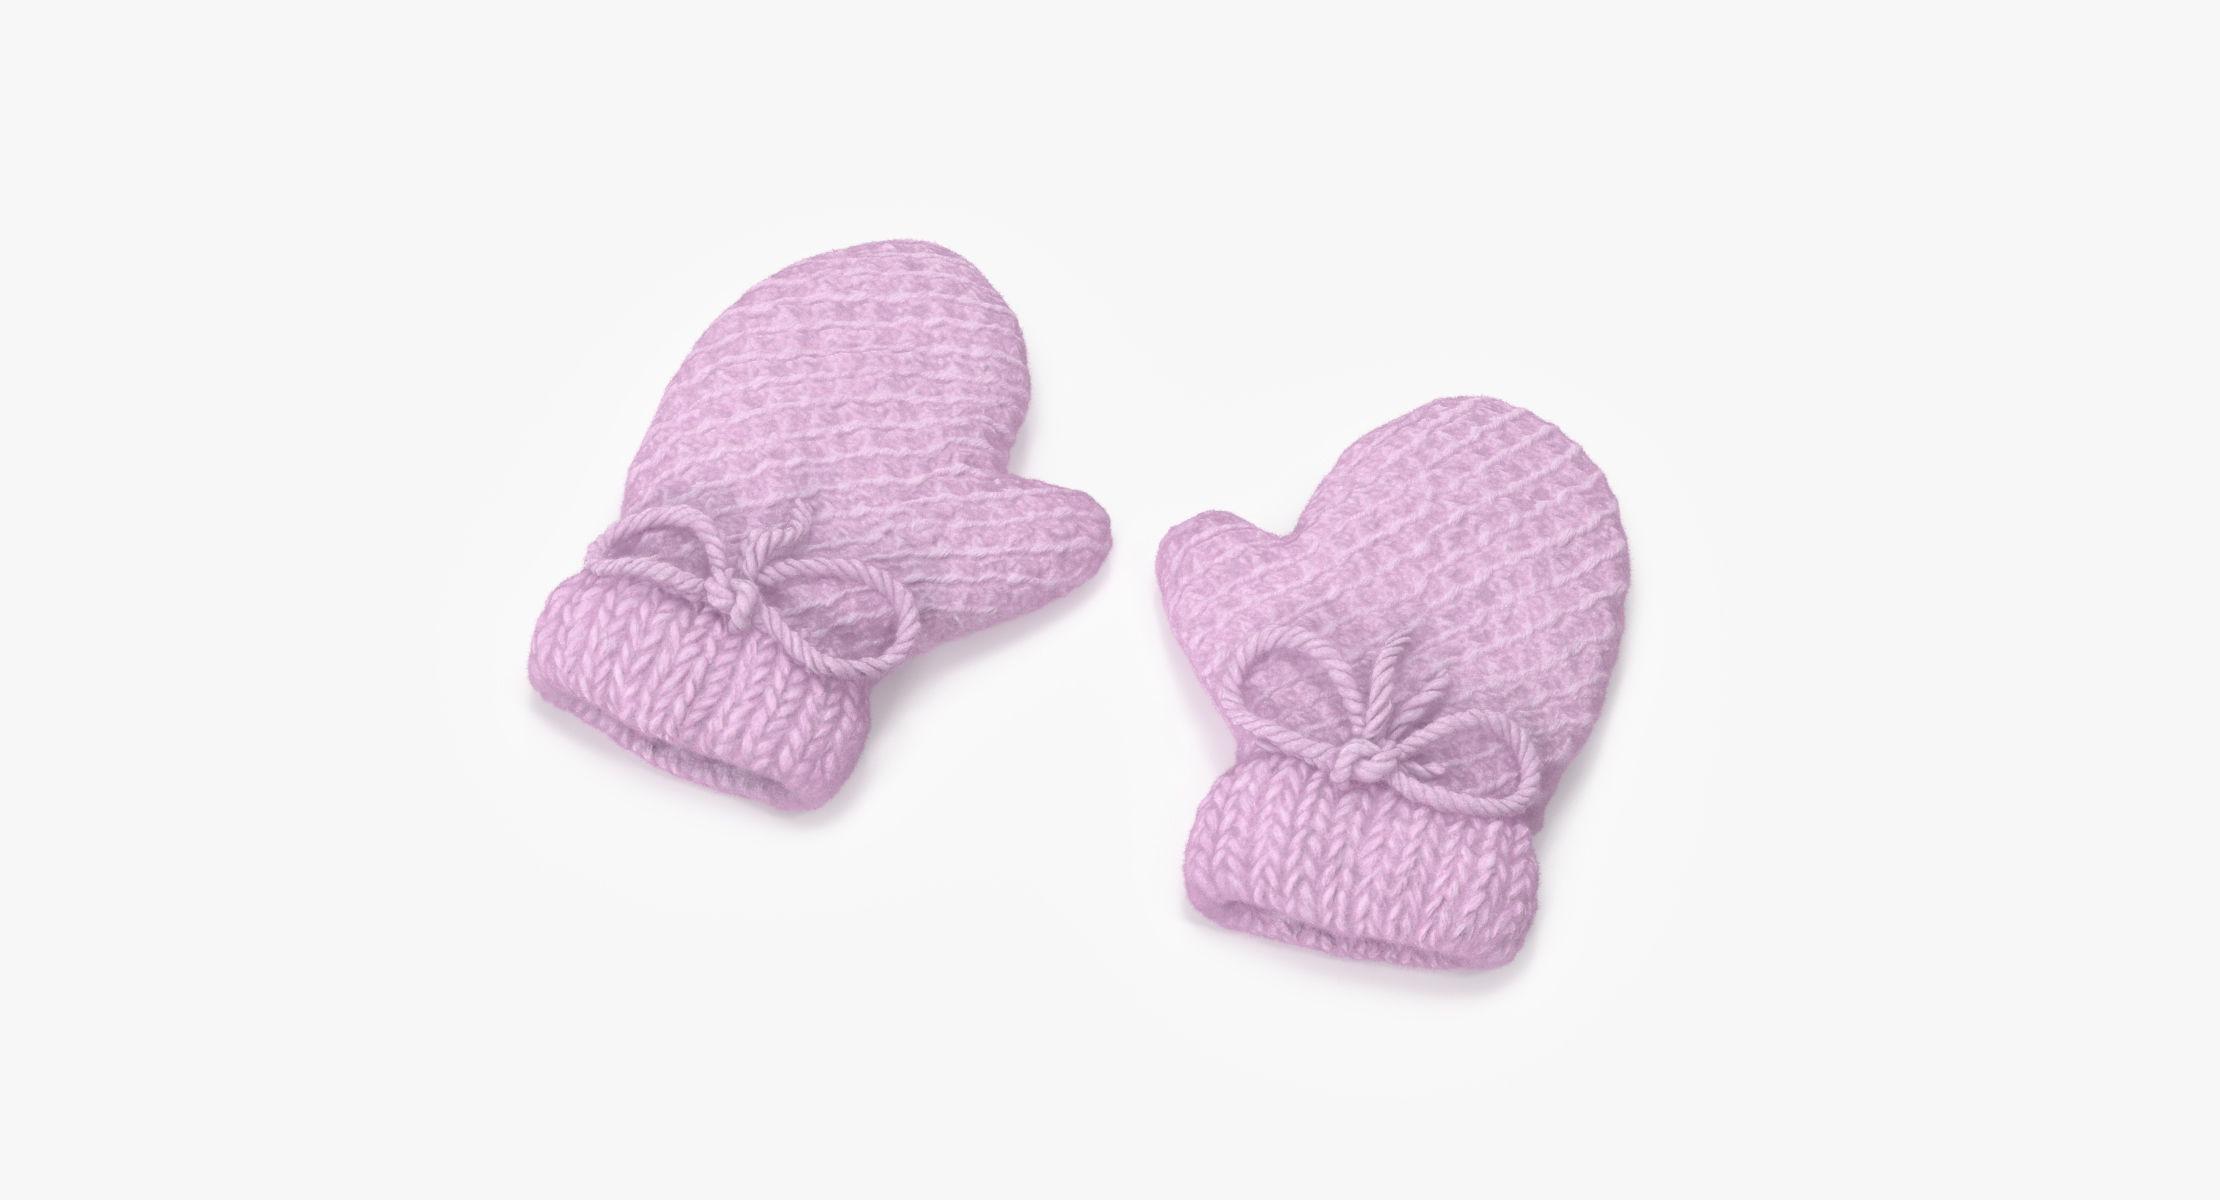 Newborn Mittens 01 Pink - reel 1